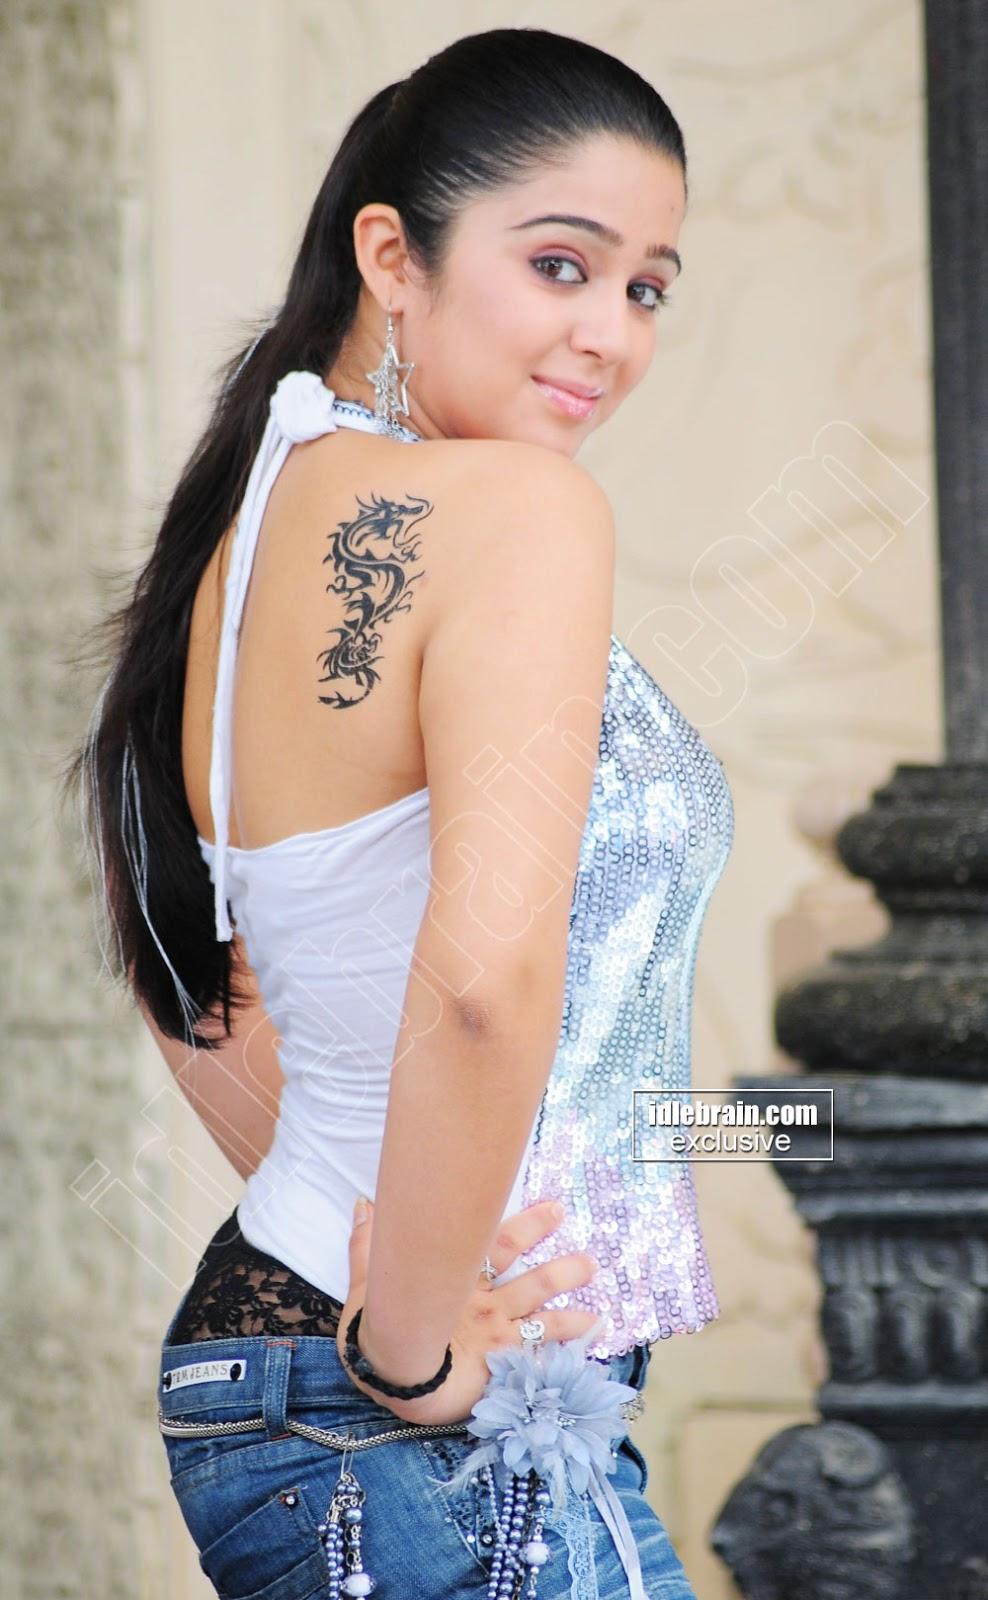 Hot Actress Charmi Hot Ass Panty Show-6855